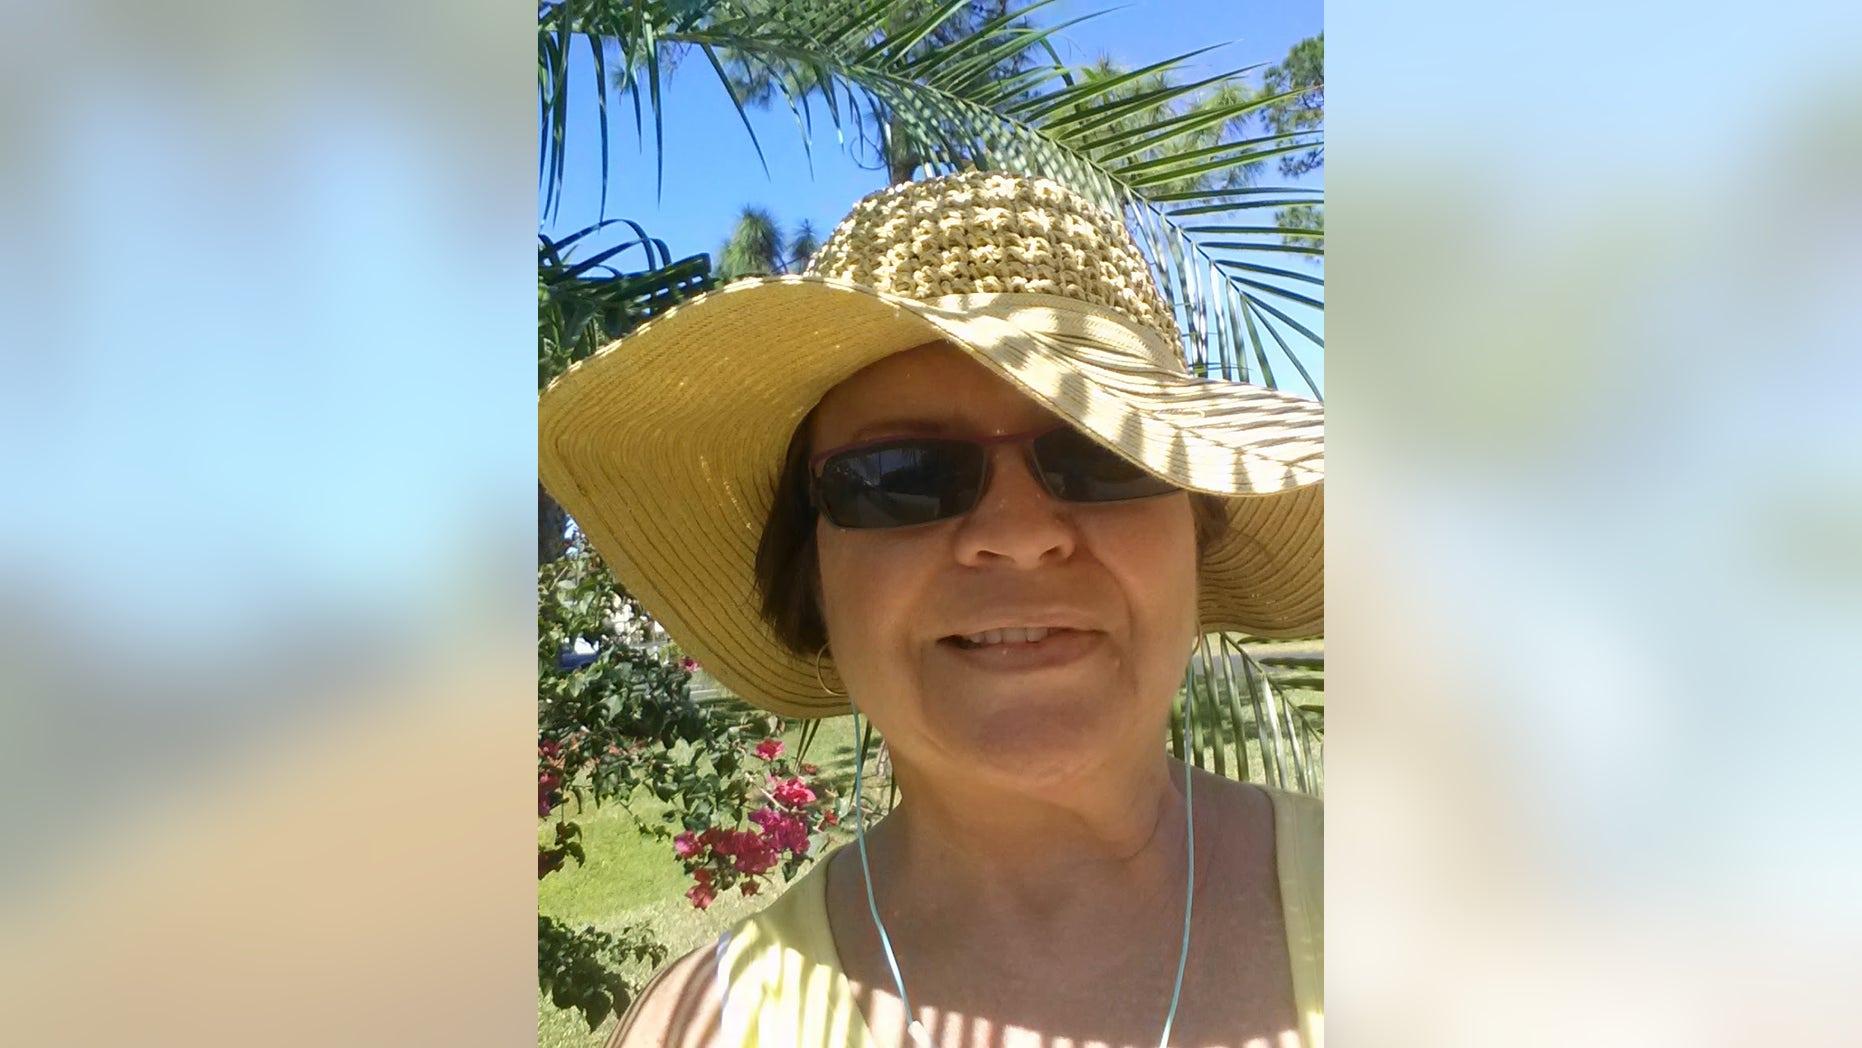 Kathy Mancuso (image courtesy subject)